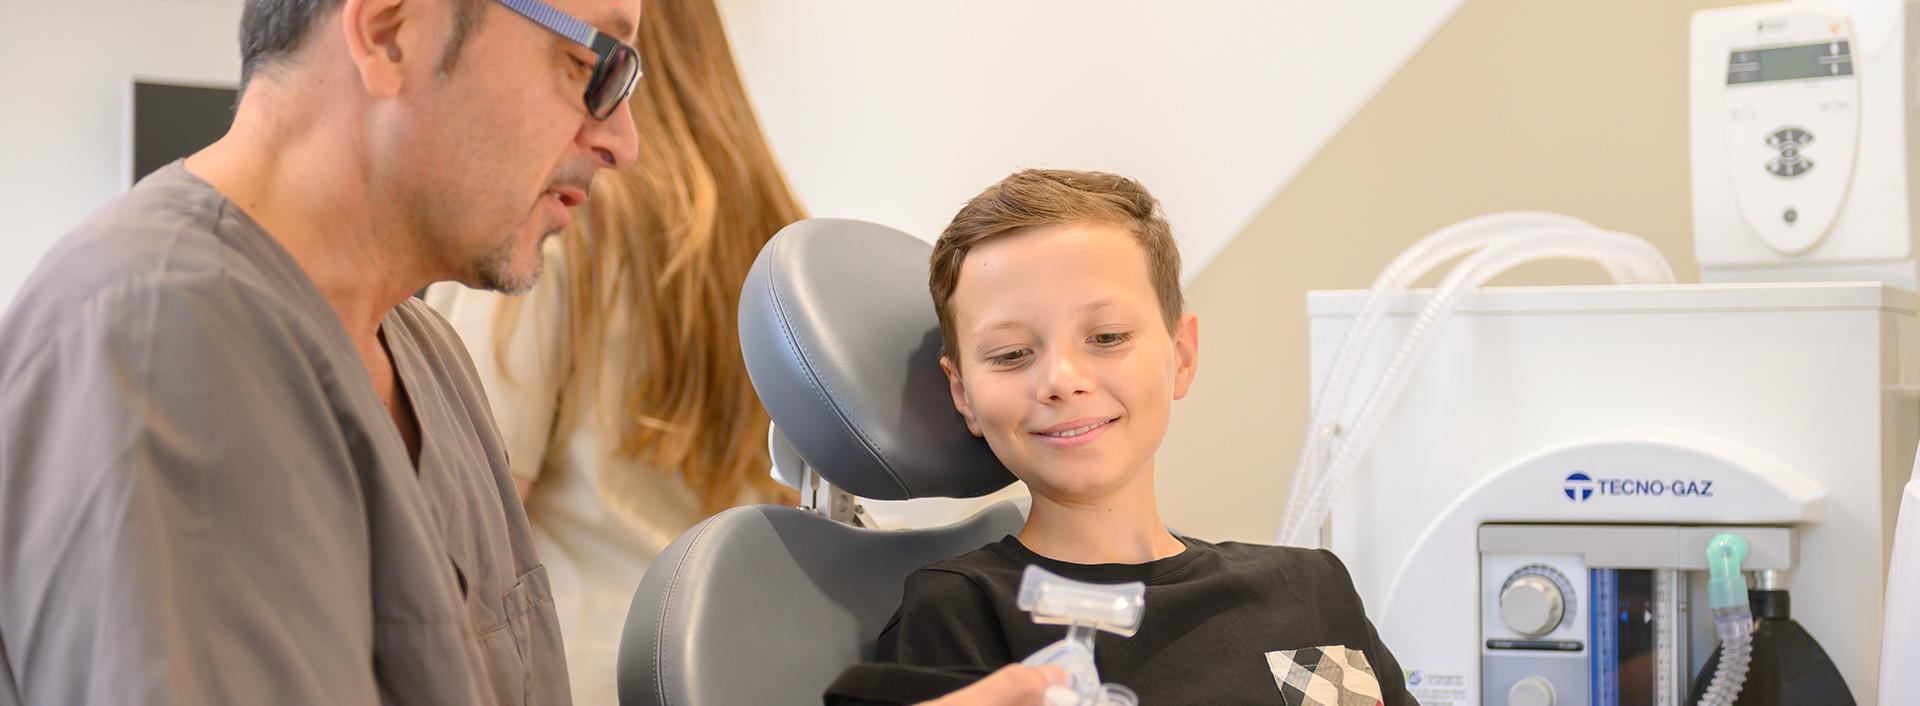 Arzt erklärt einem jungen Patienten die Anwendung mit Lachgas